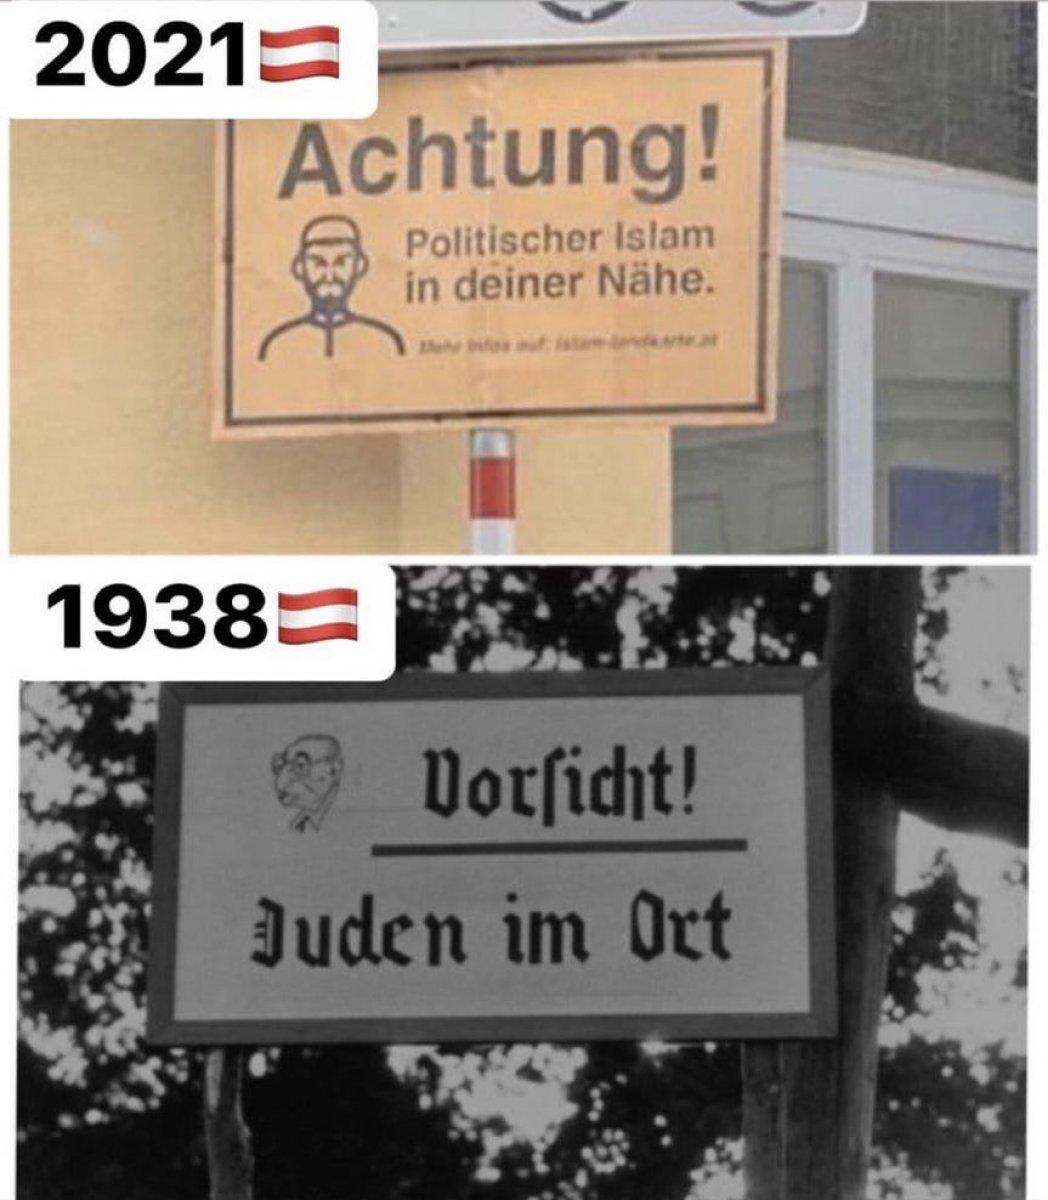 Avusturya'da Müslümanlara karşı ırkçı tabelalar #1